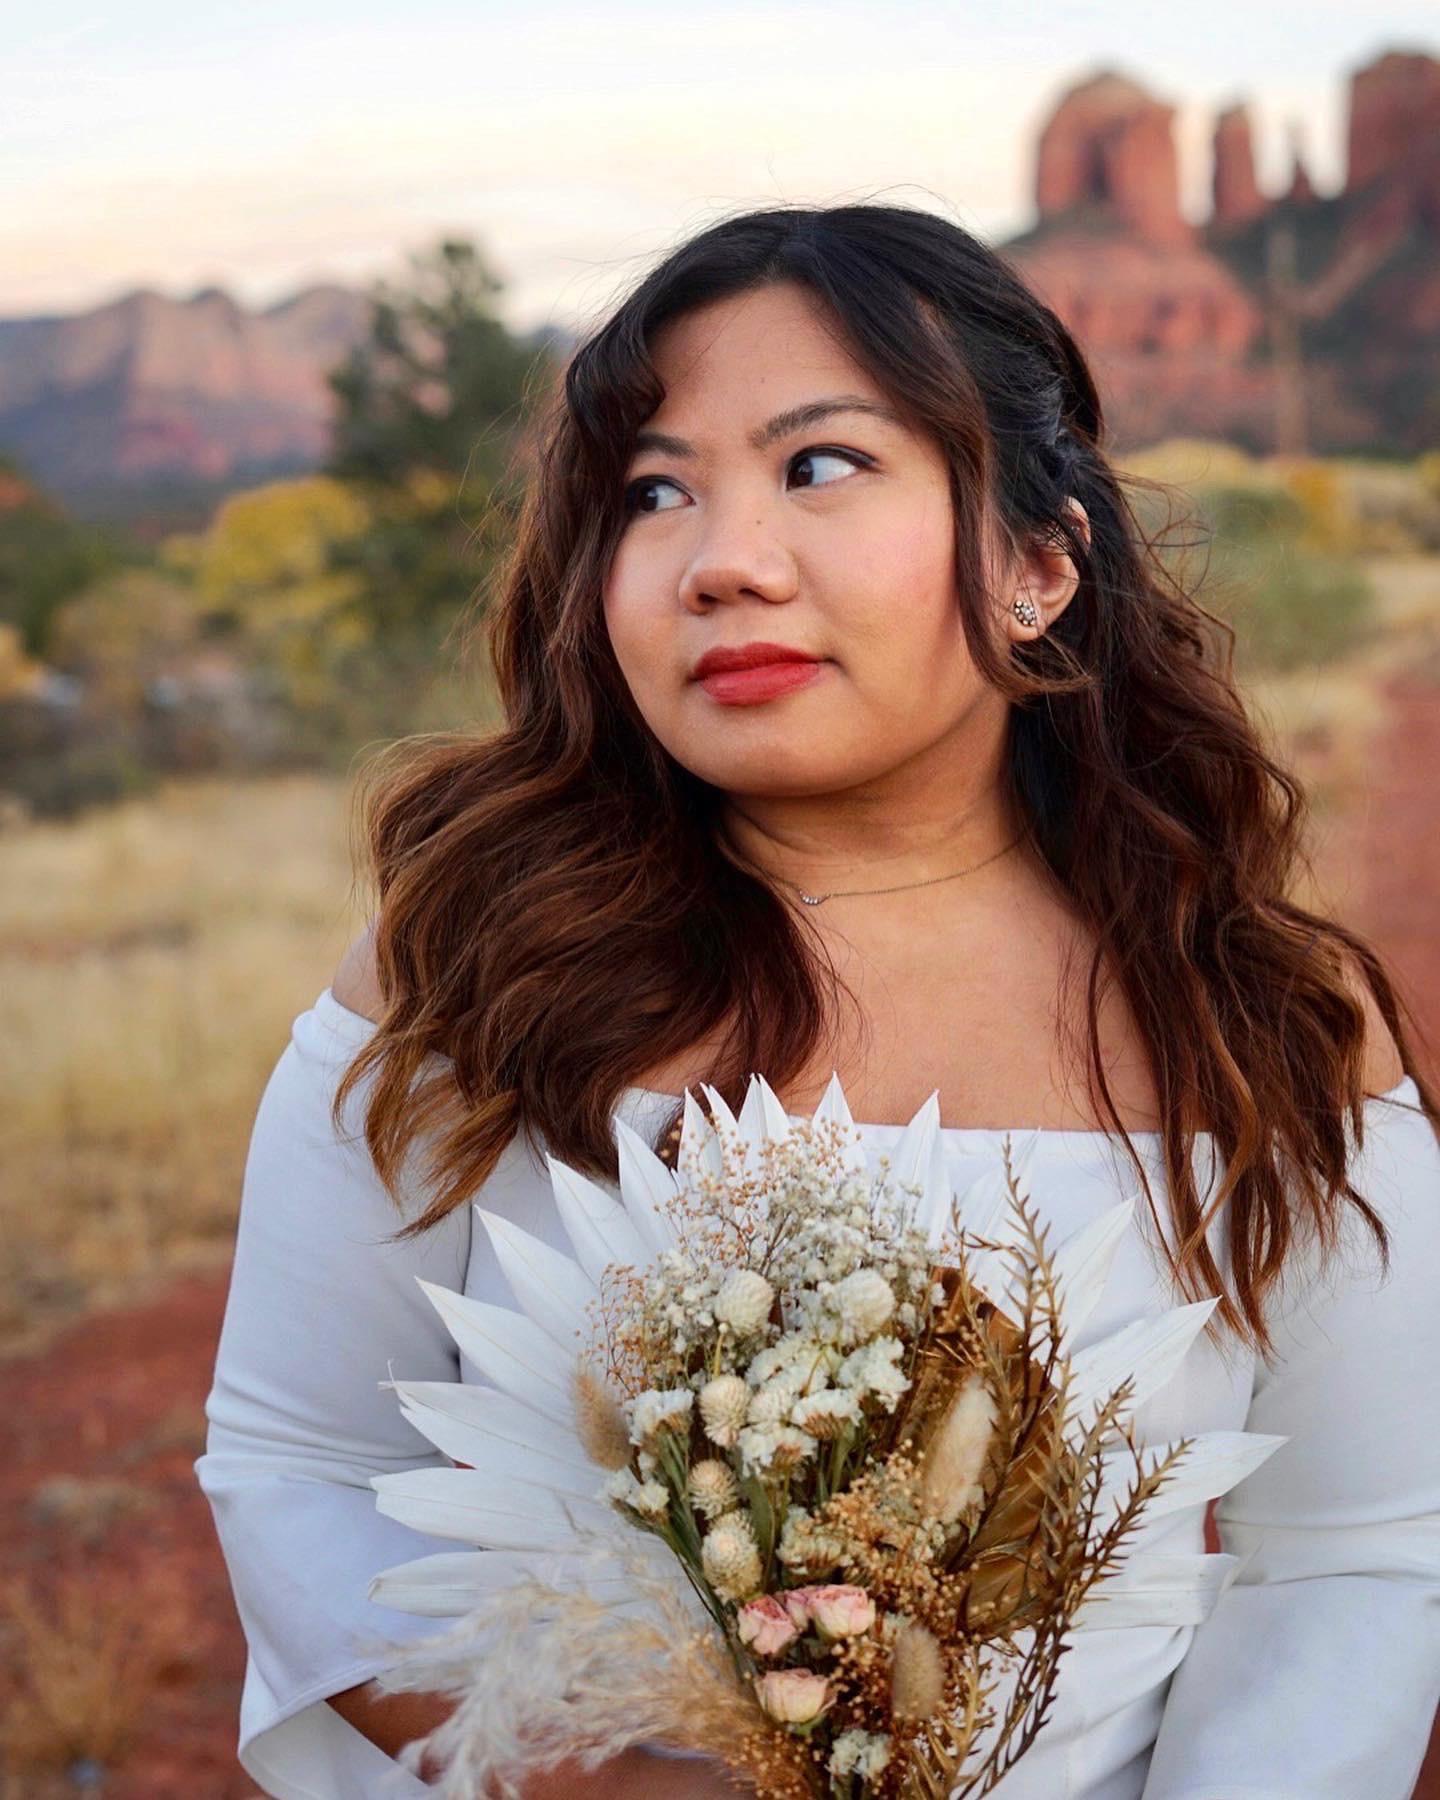 Wedding Bouquet Ideas and Elopement Ideas